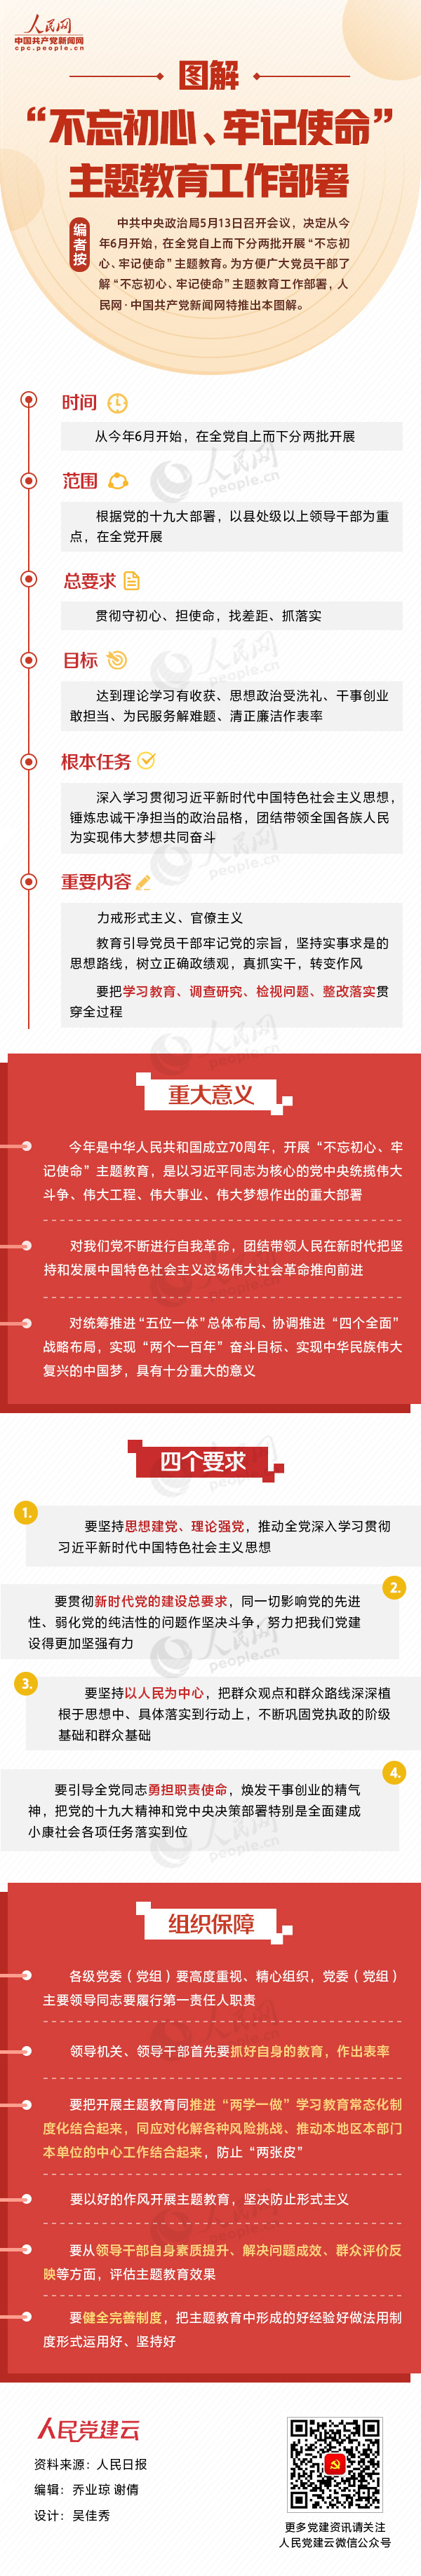 图解中国梦内容